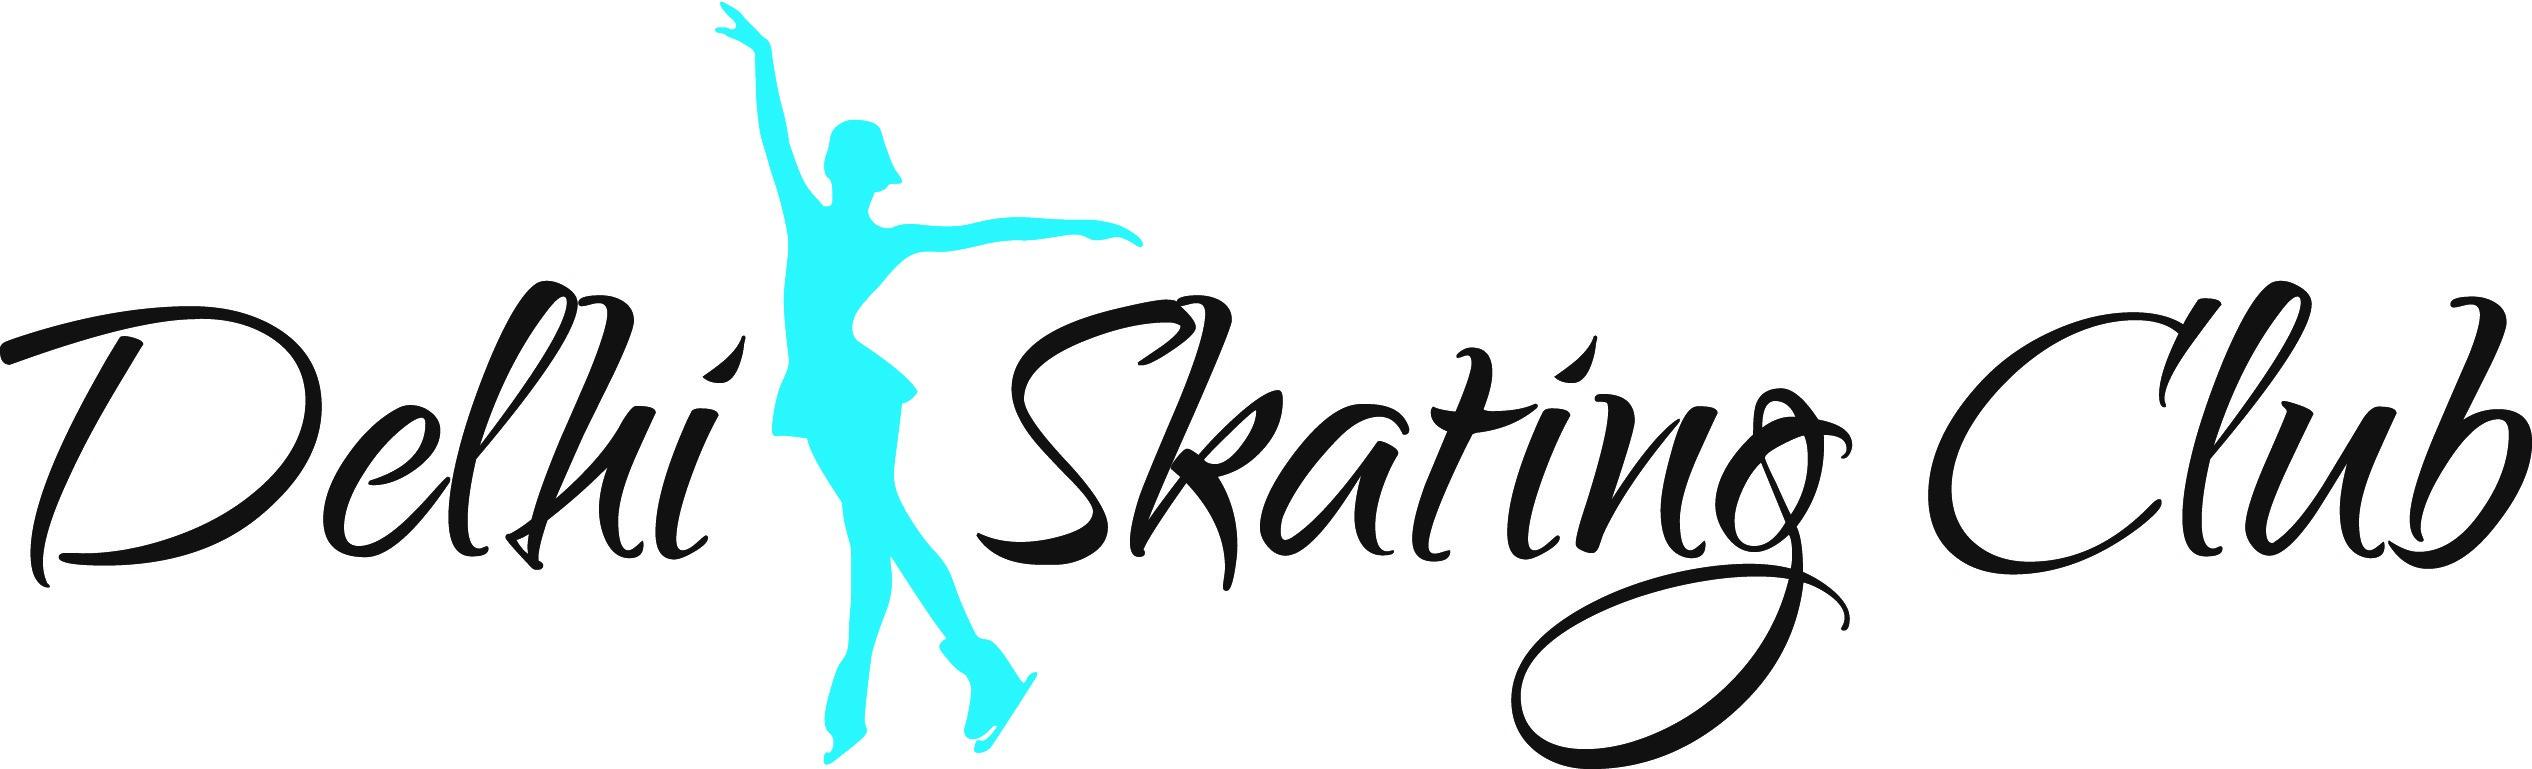 Delhi Skating Club